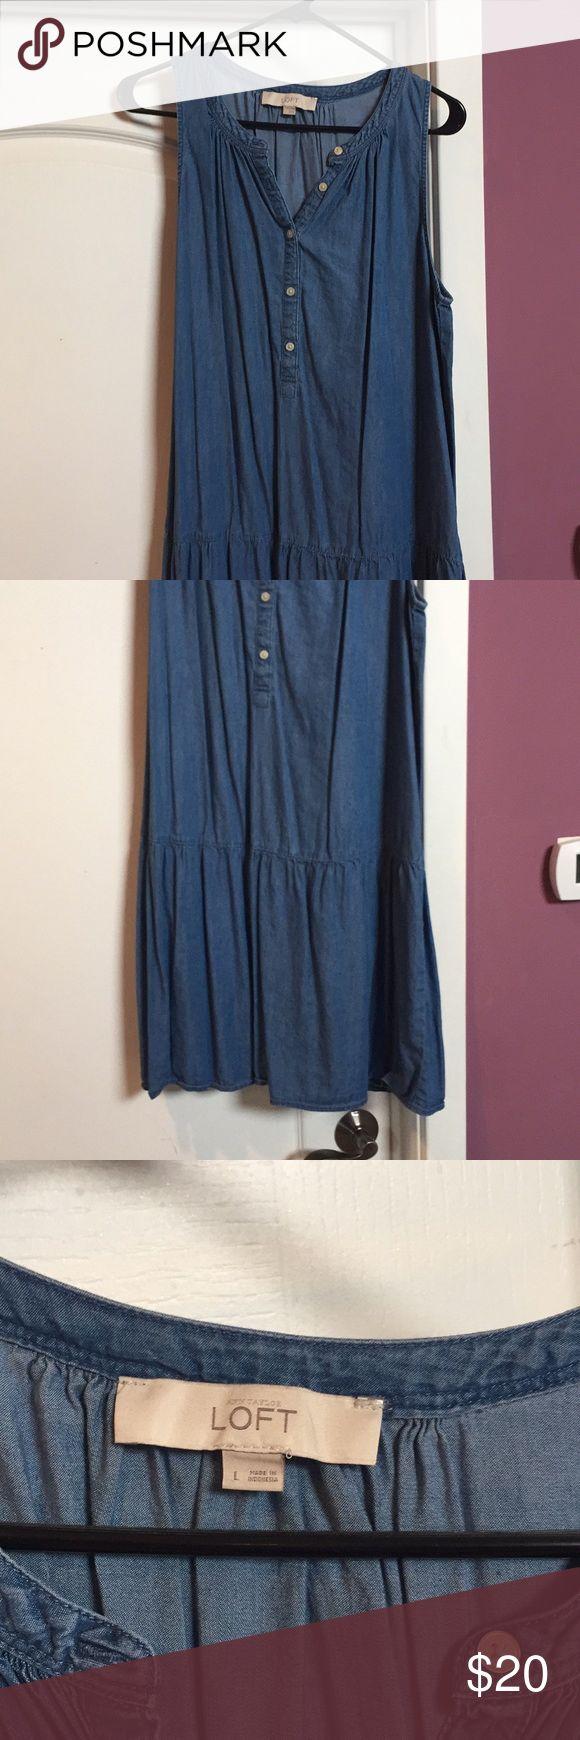 Denim mini dress Loft denim mini dress, only worn a few times. So cute on!! LOFT Dresses Mini